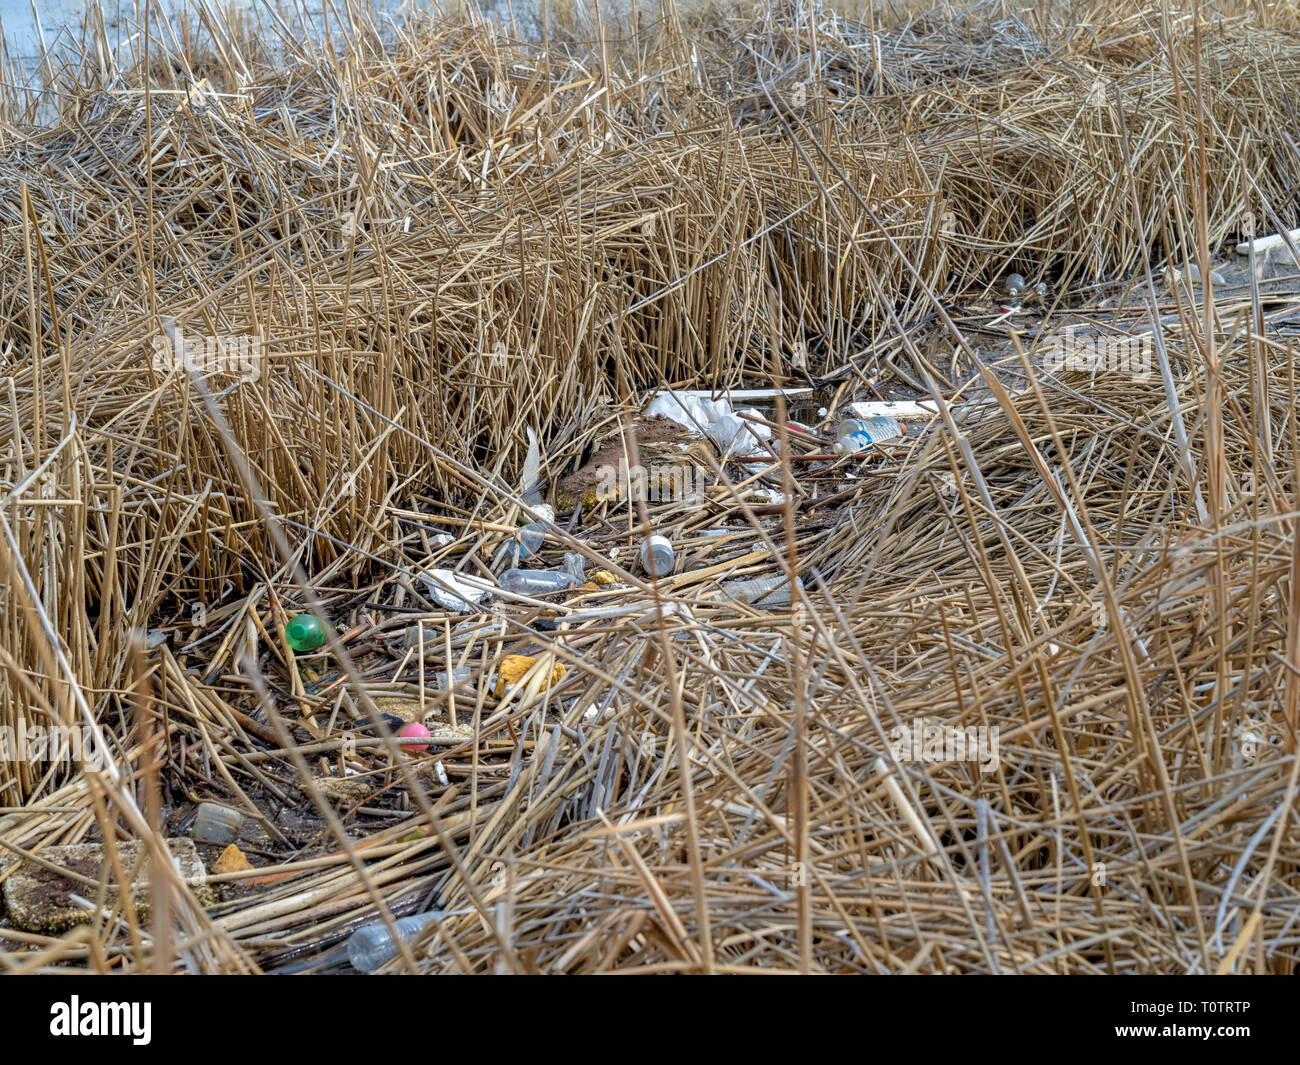 Canal abandonné la litière et la pollution dans certains marécages marécageux. Photo Stock